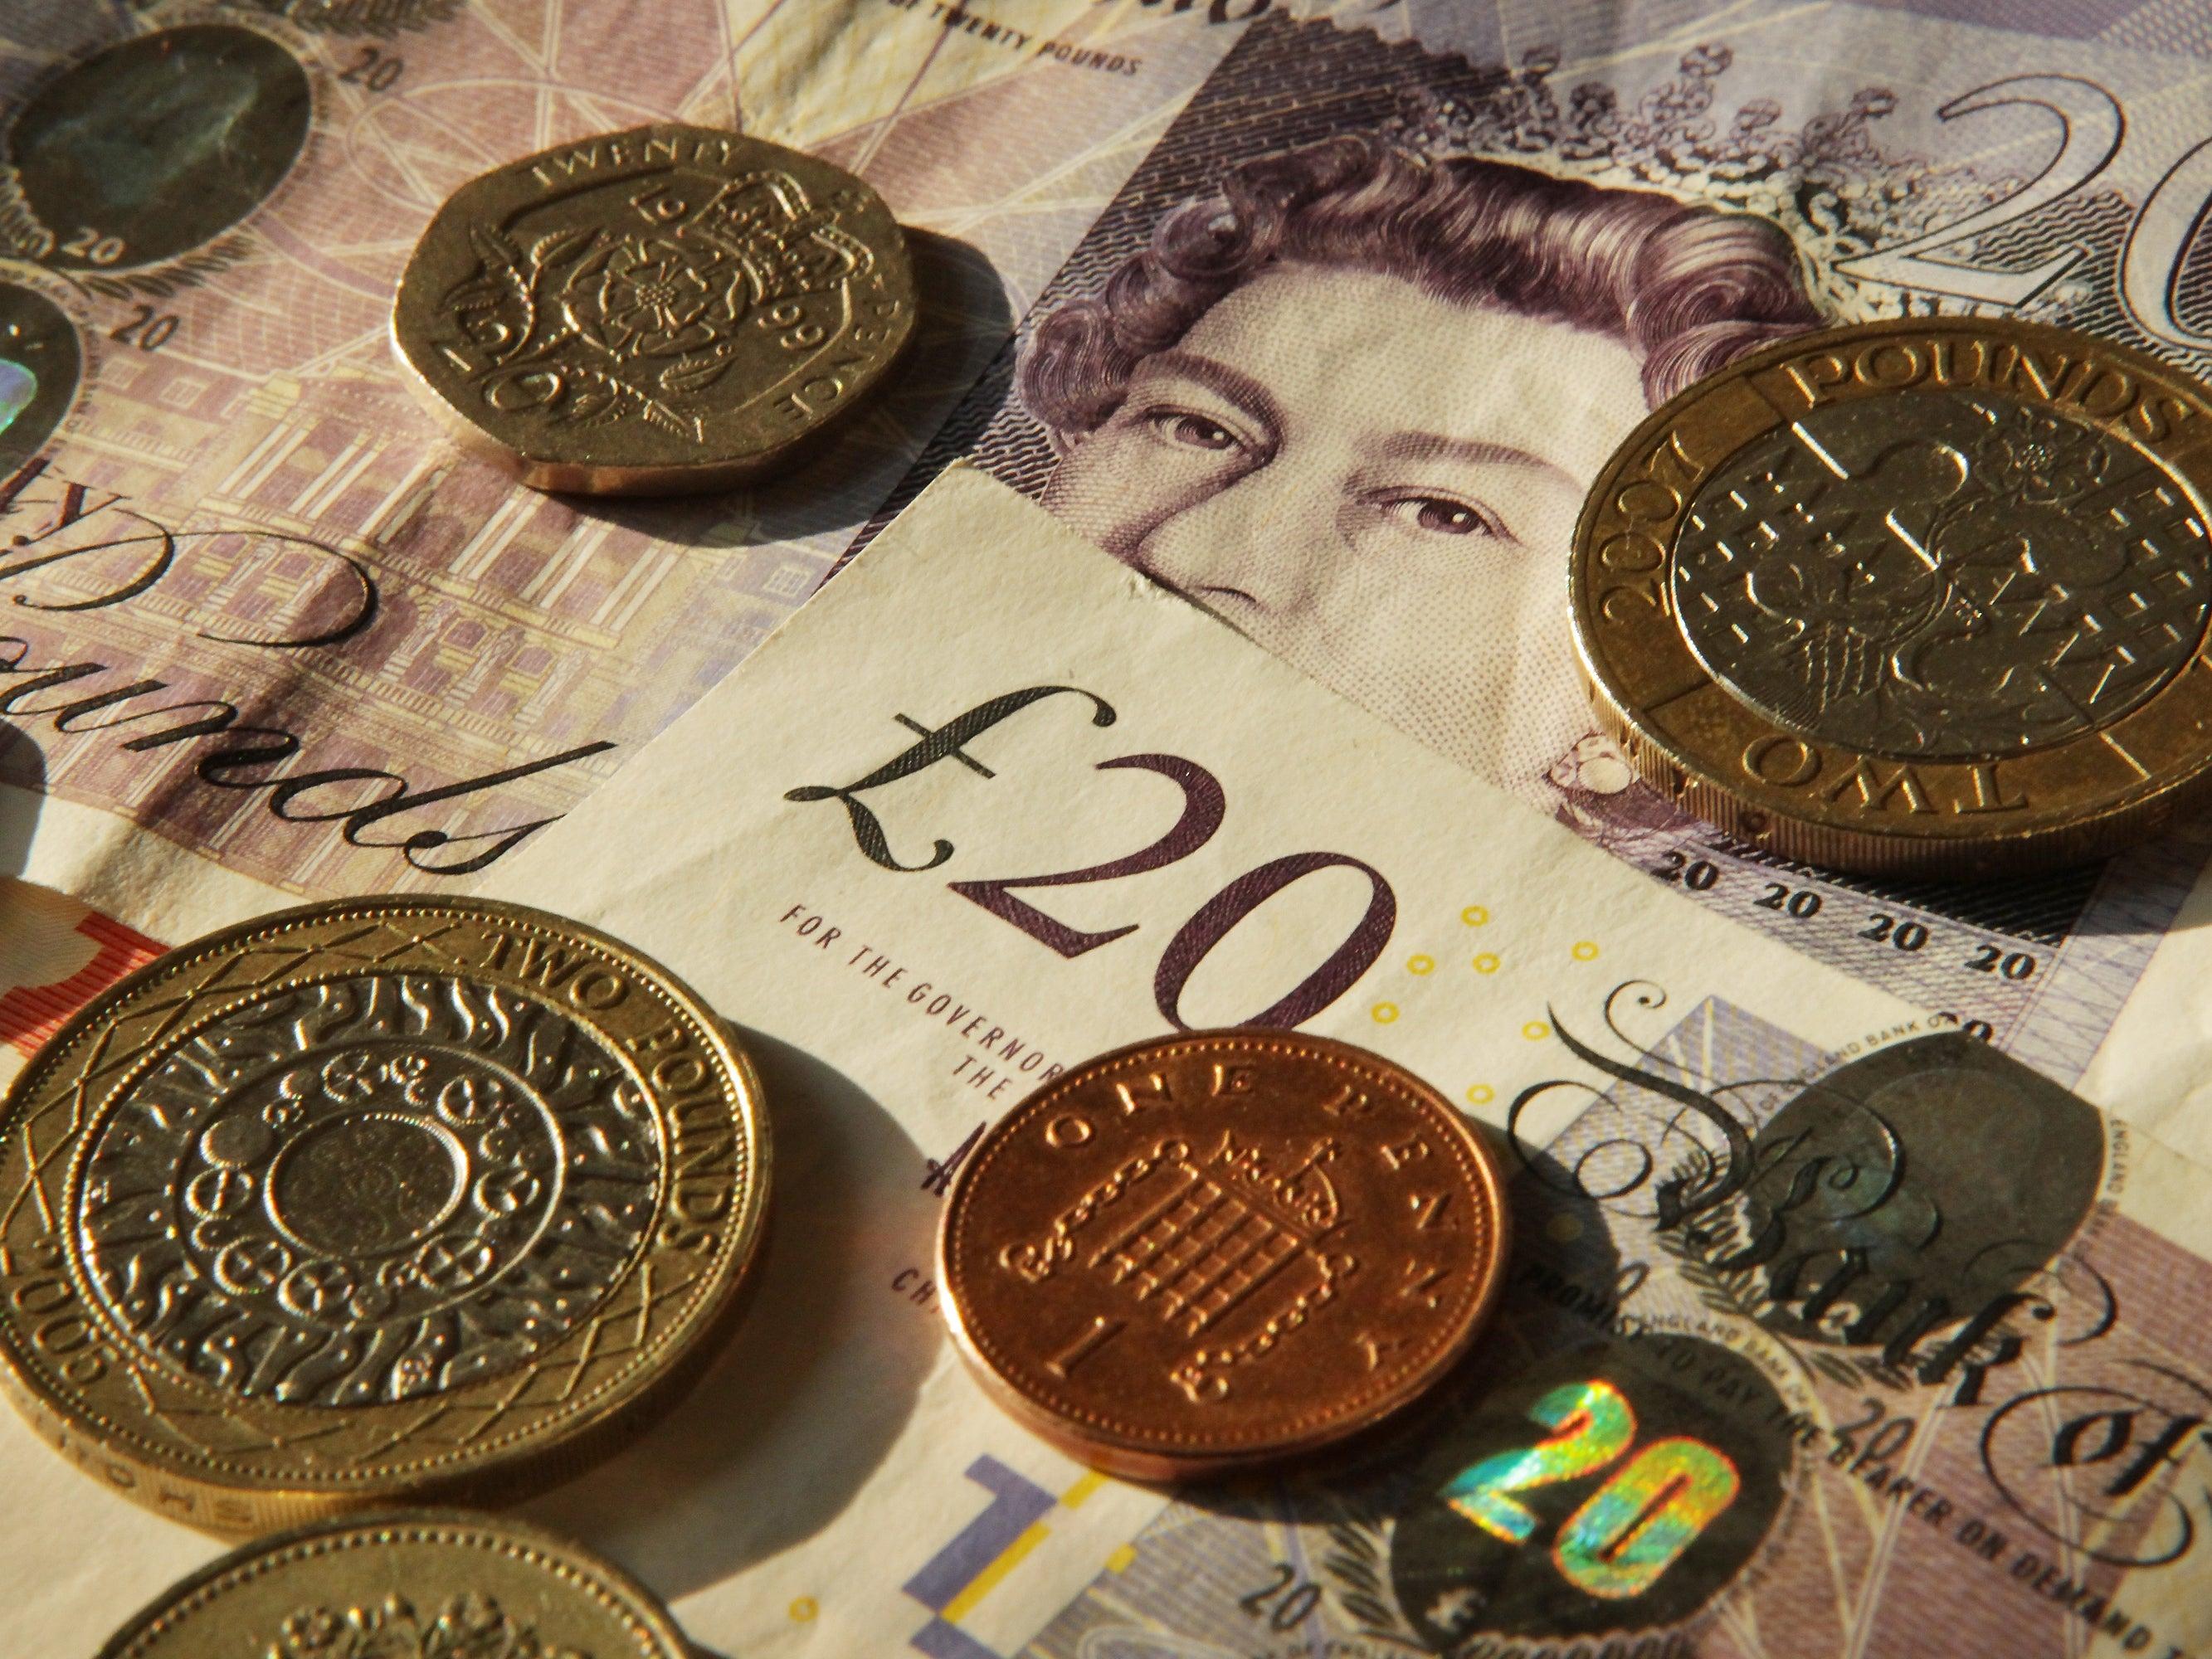 Валютная пара фунт/доллар может снижаться до первых чисел марта 2016 года